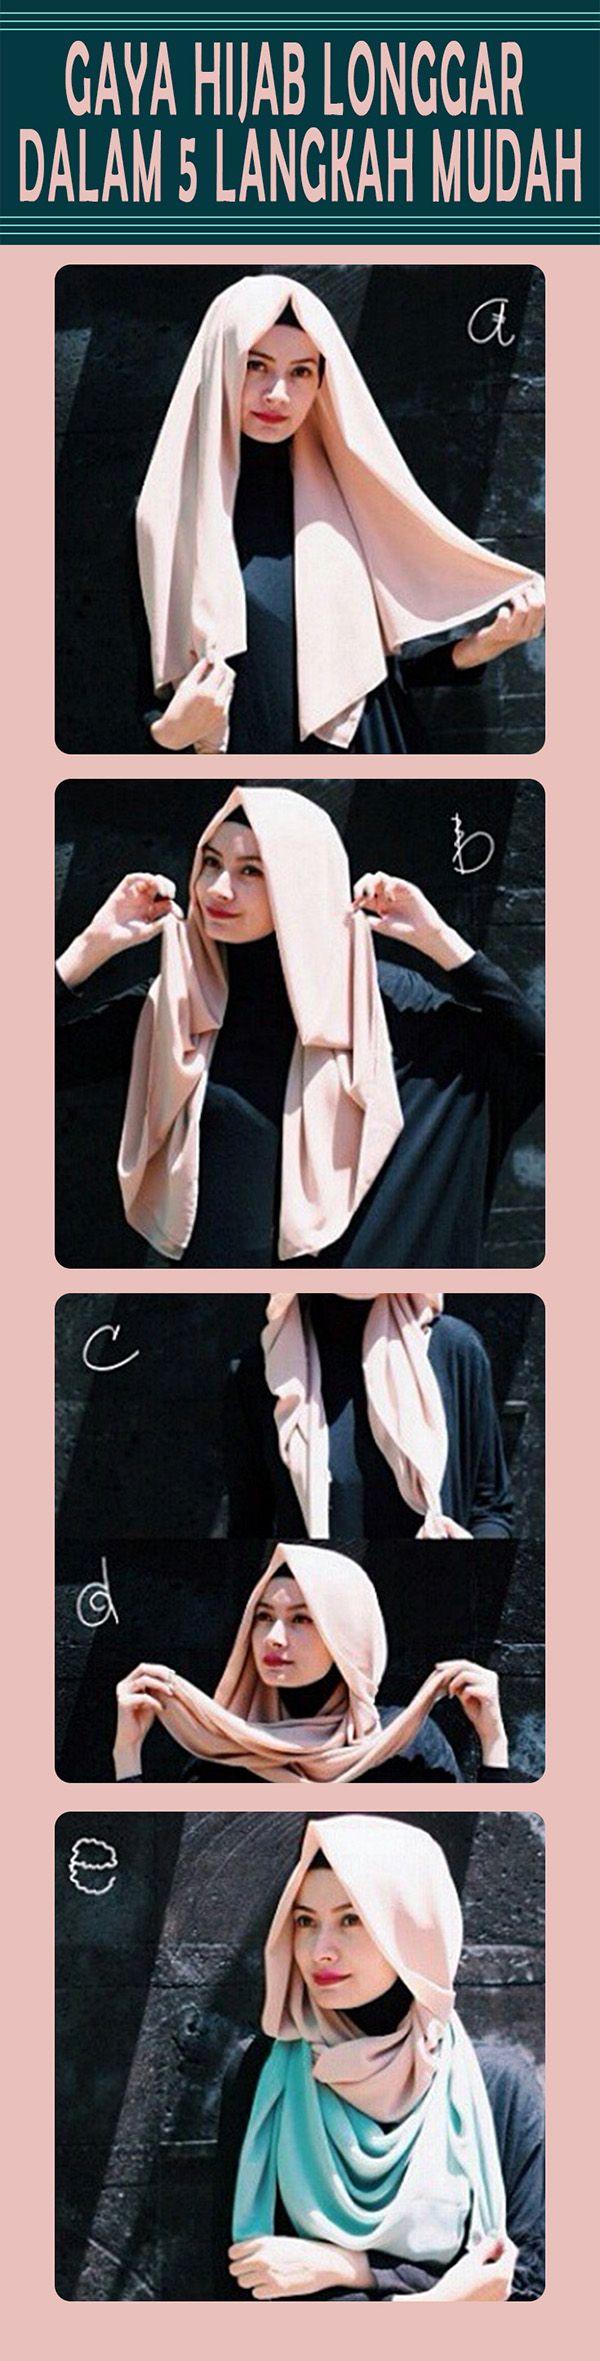 Gaya_Hijab_Longgar_dalam_5_Langkah_Mudah-3